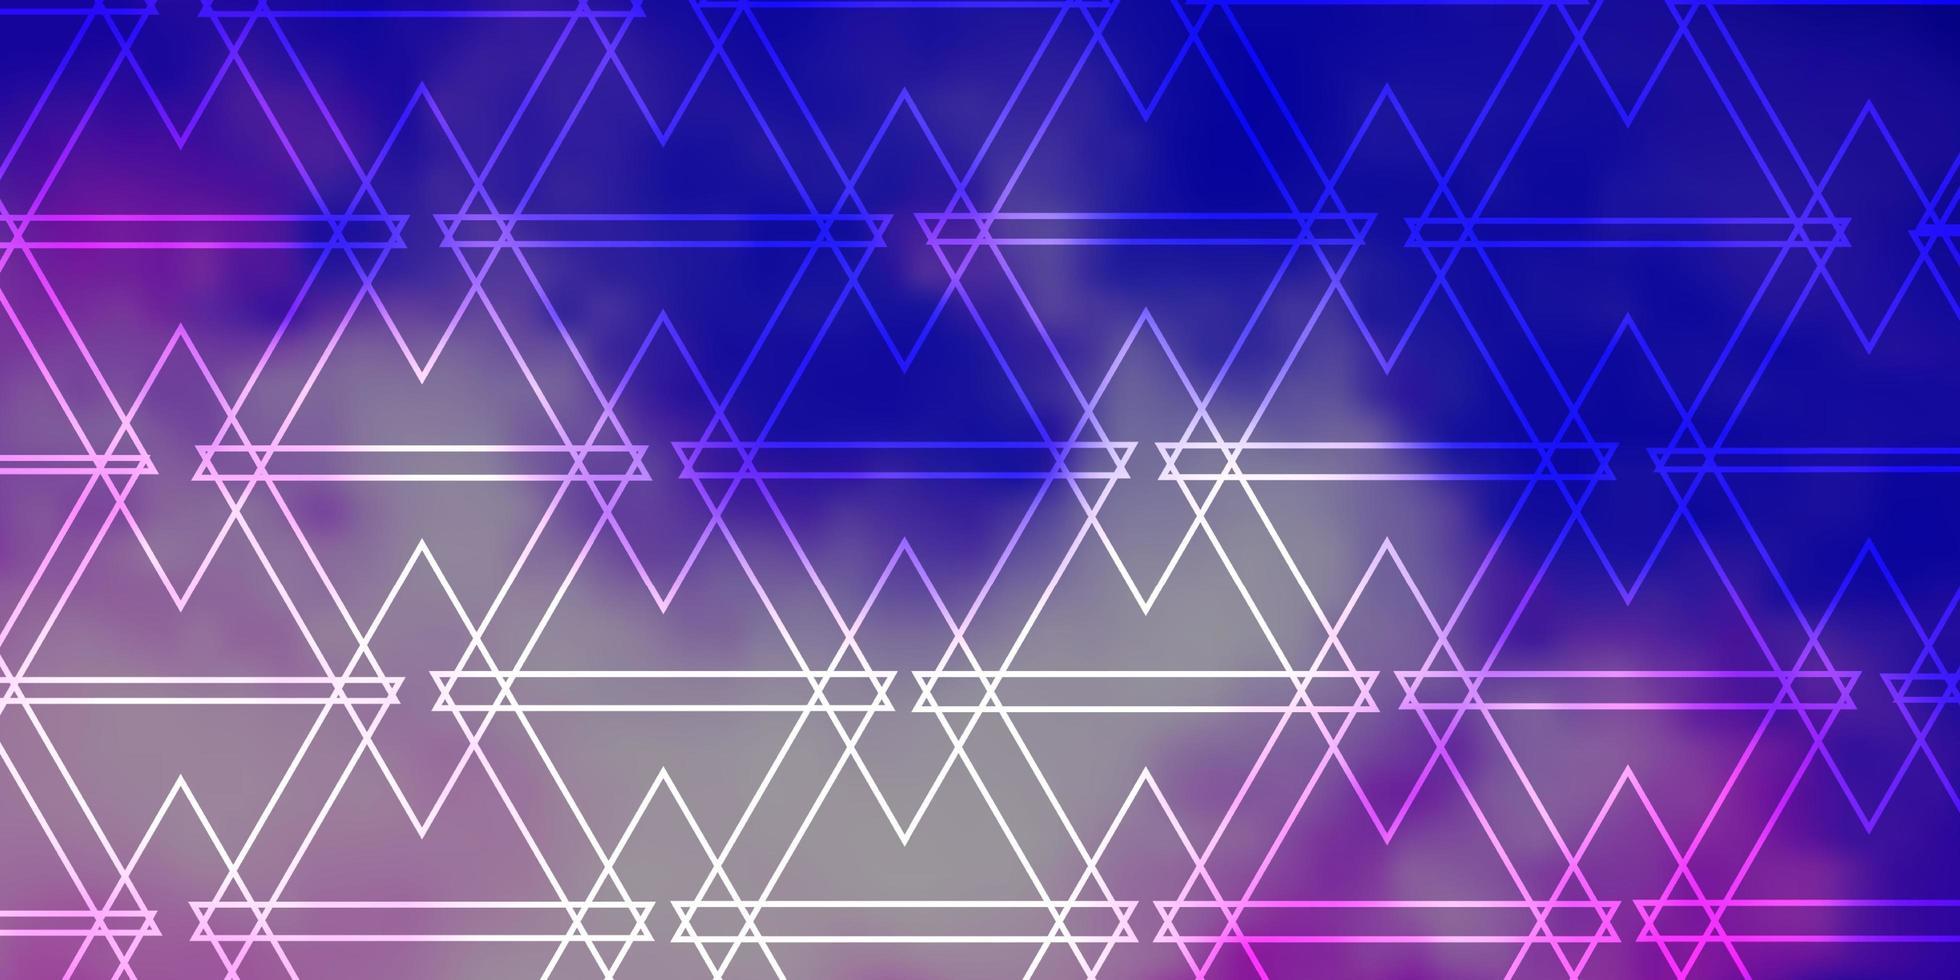 fond de vecteur violet clair avec des triangles.